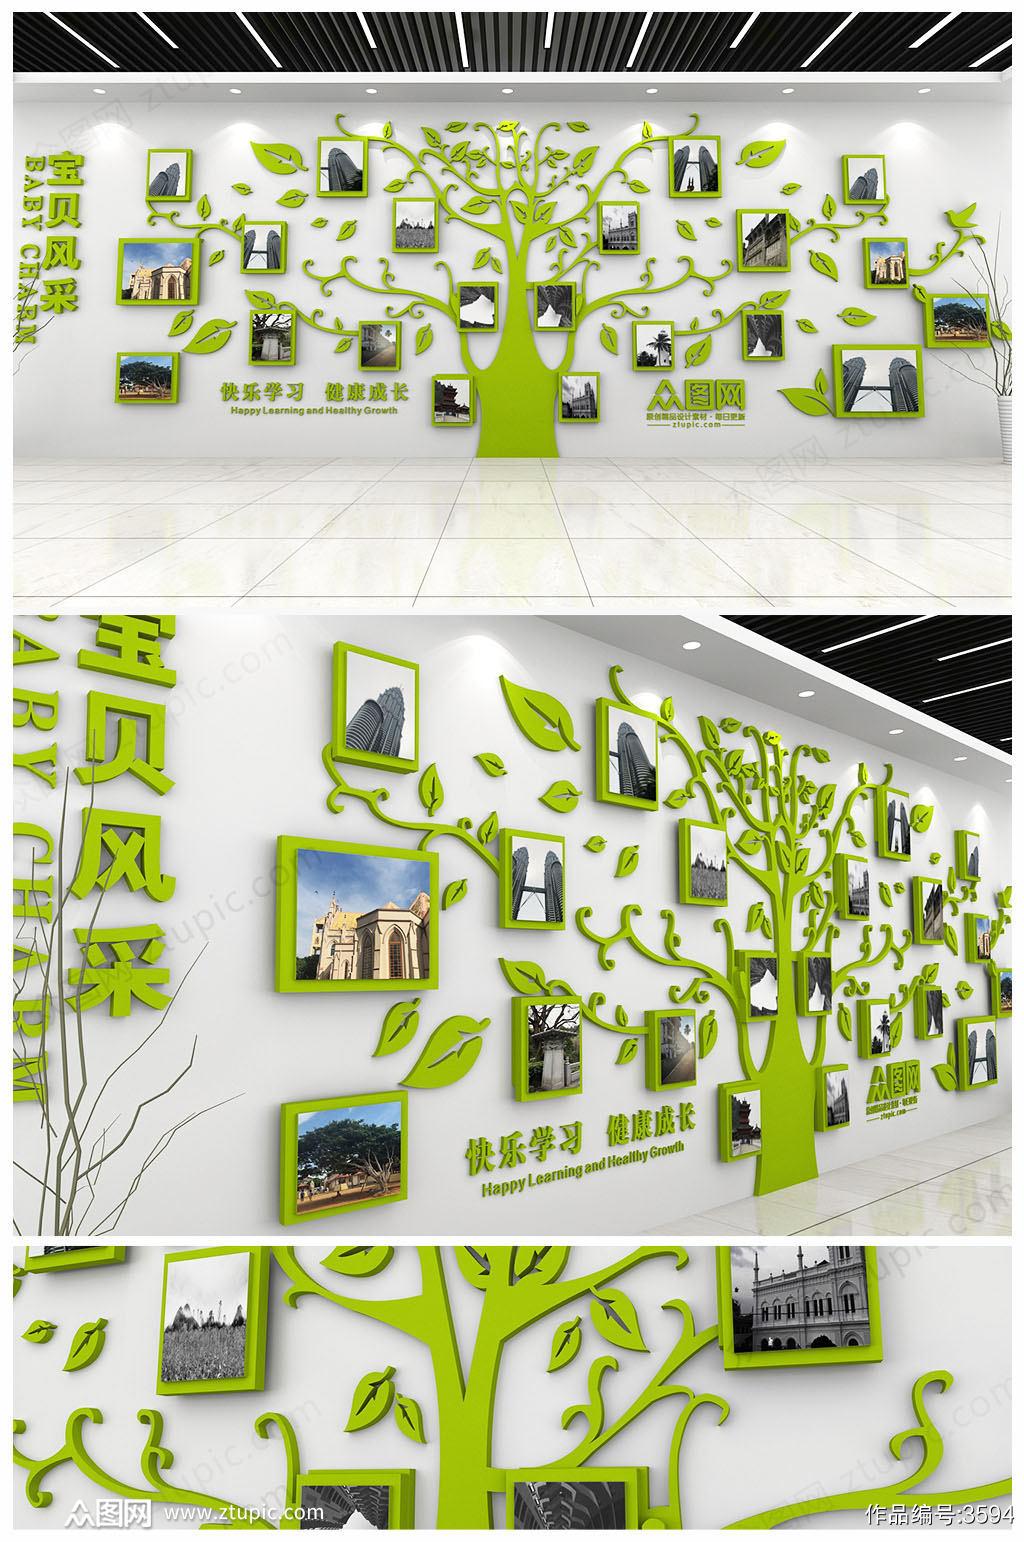 绿色树型创意企业文化墙心愿墙员工风采照片墙形象墙照片墙文化墙科技素材